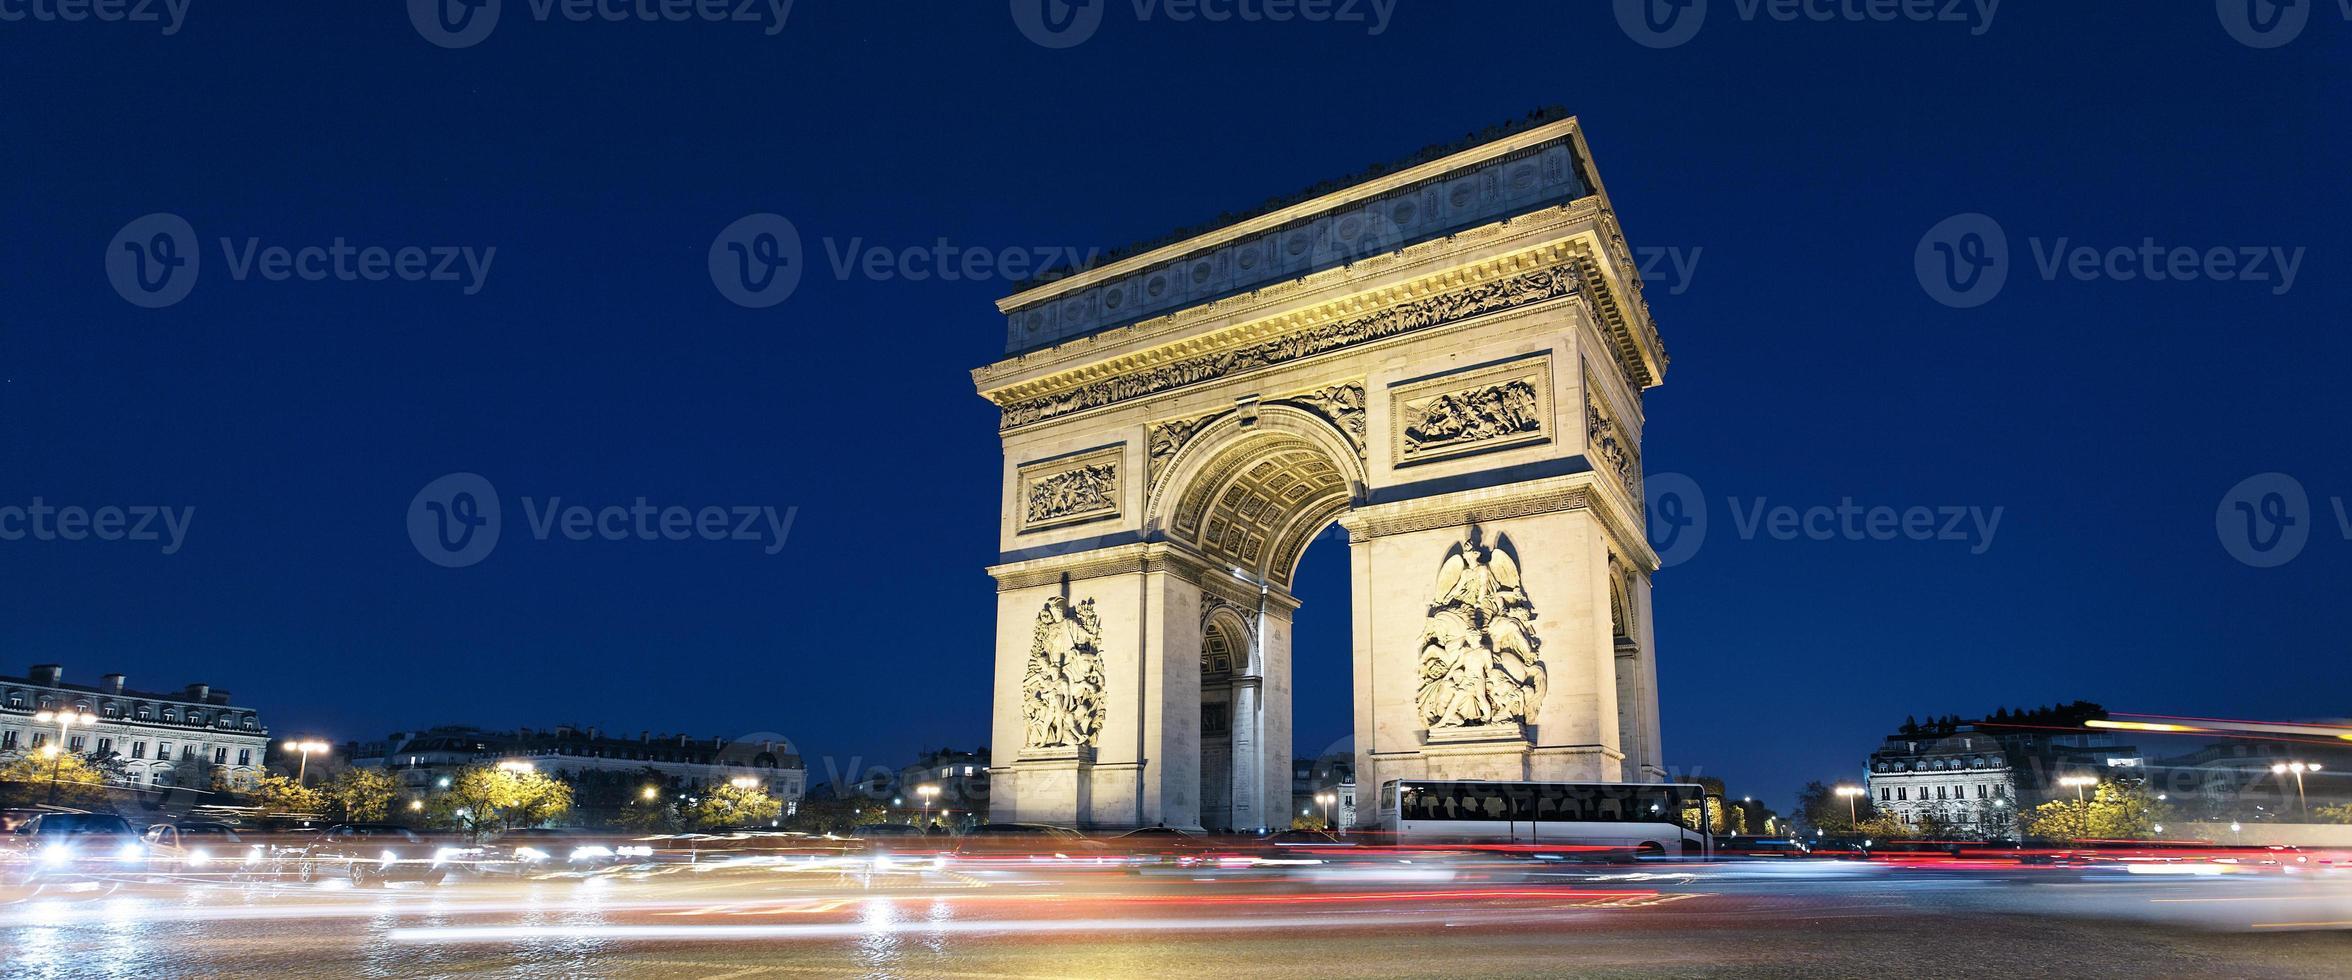 Arc de Triomphe und Autolichter foto